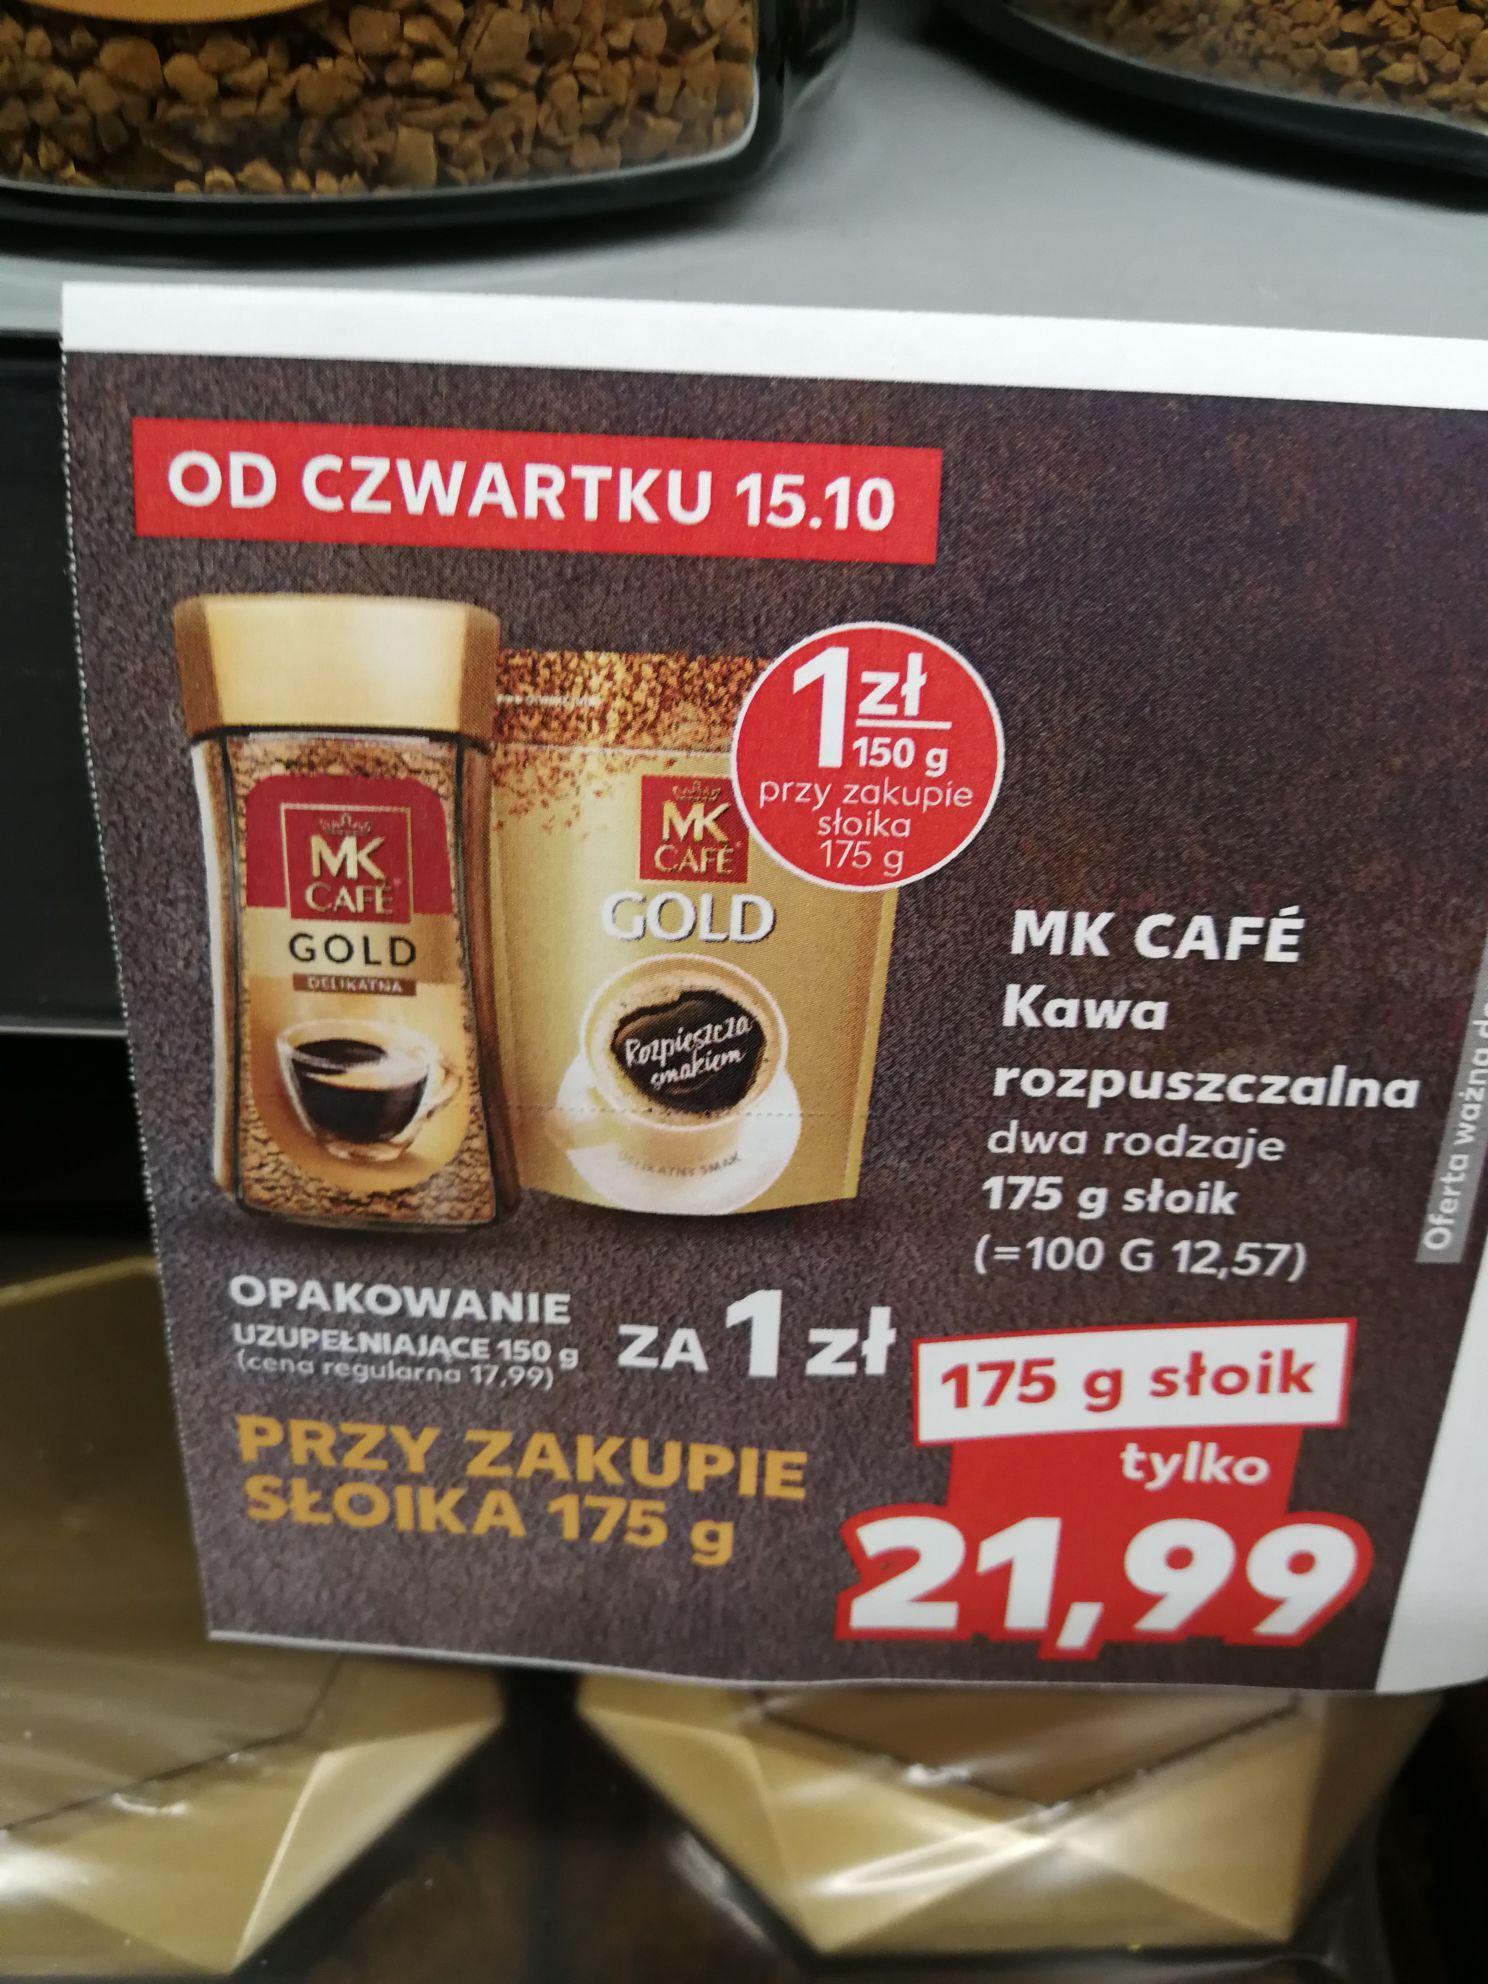 Kawa MK Cafe + uzupełniające opakowanie